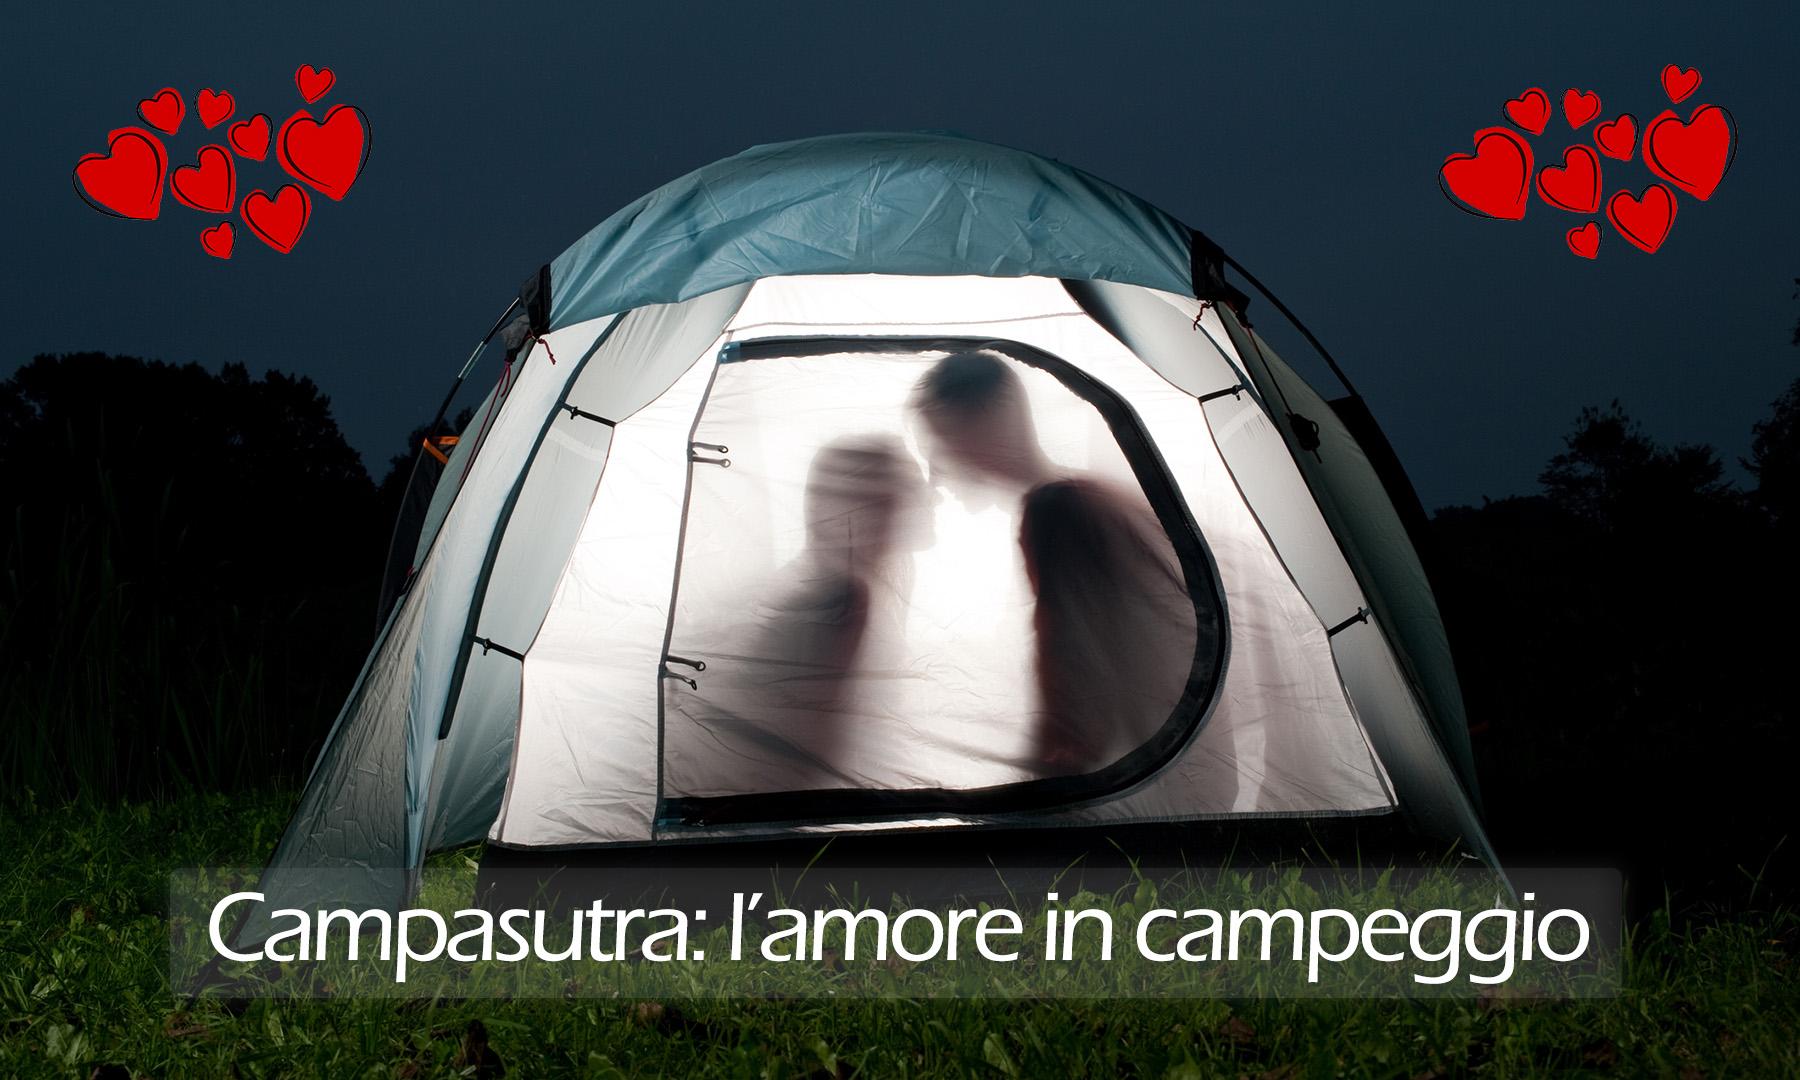 Campasutra: l'amore in campeggio